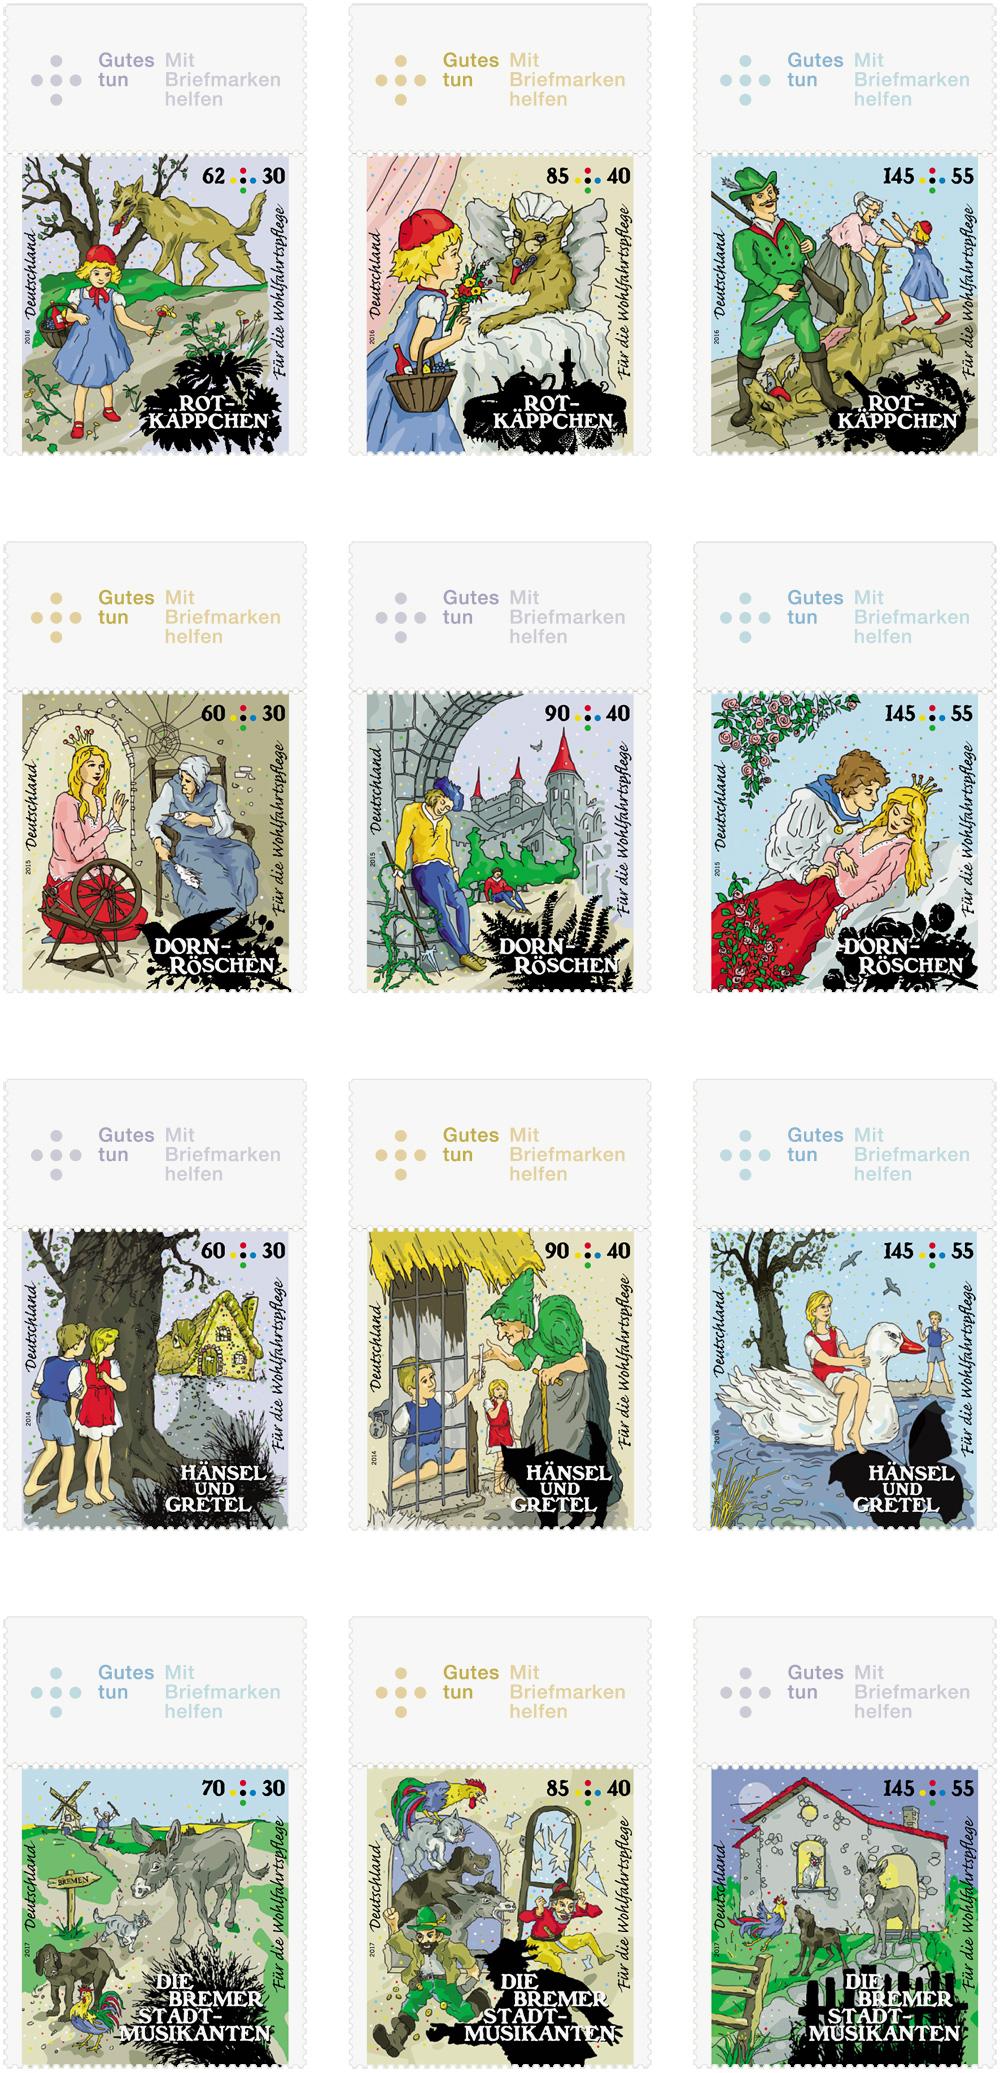 Serie-Grimm-alle-Marken-Motiv-02.jpg